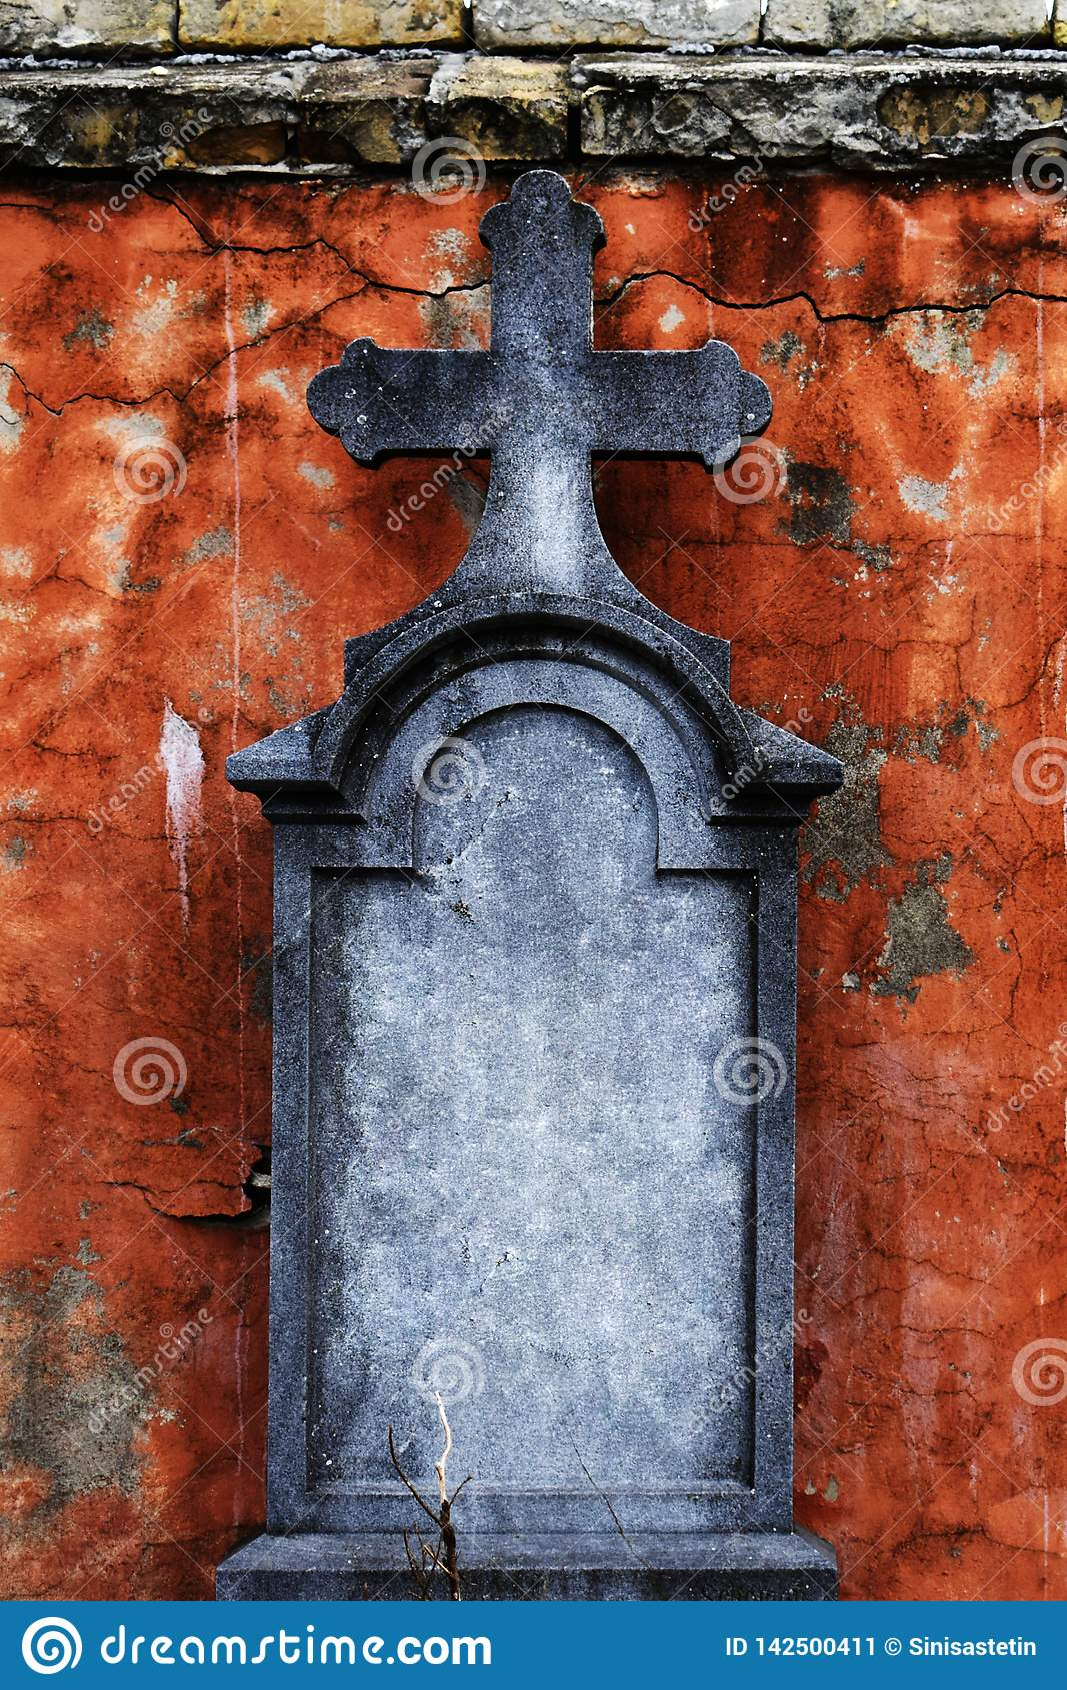 有十字架的老墓碑在粉碎的门面前面